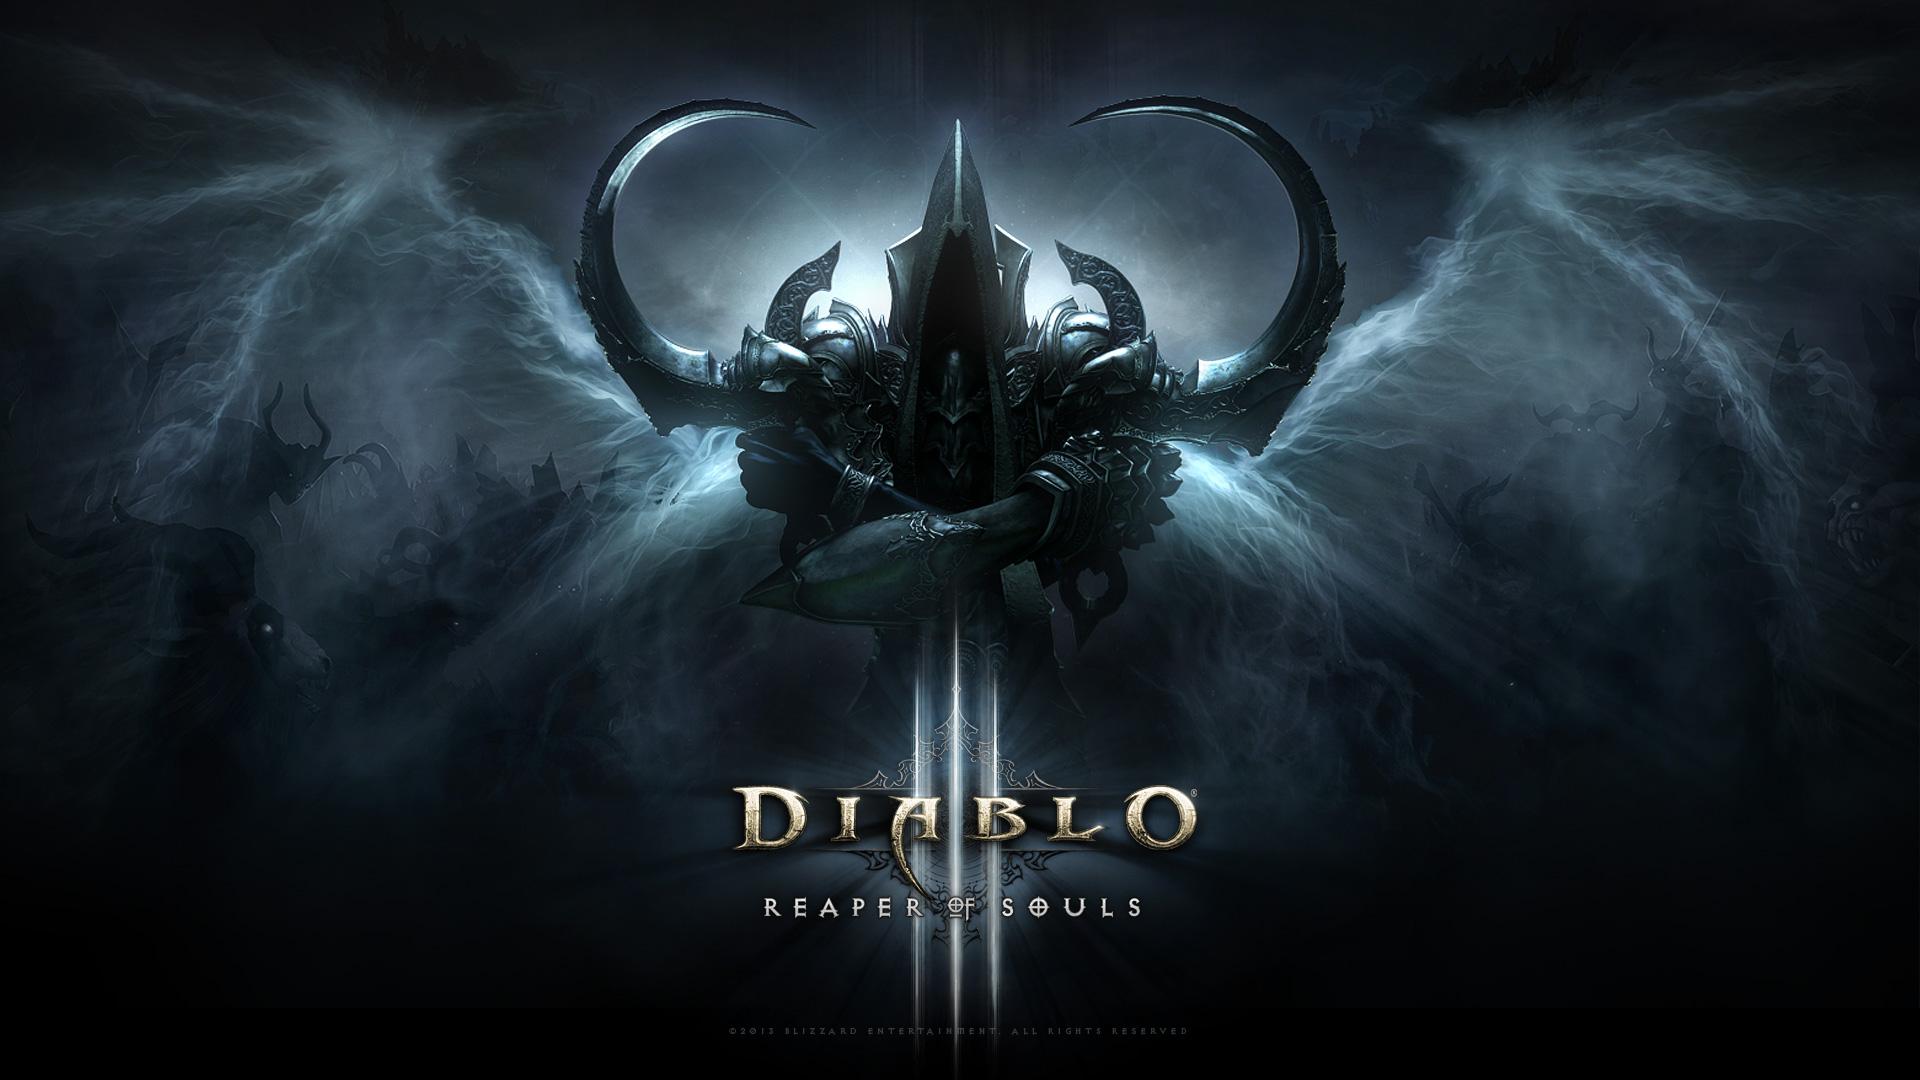 Diablo III 1920x1080